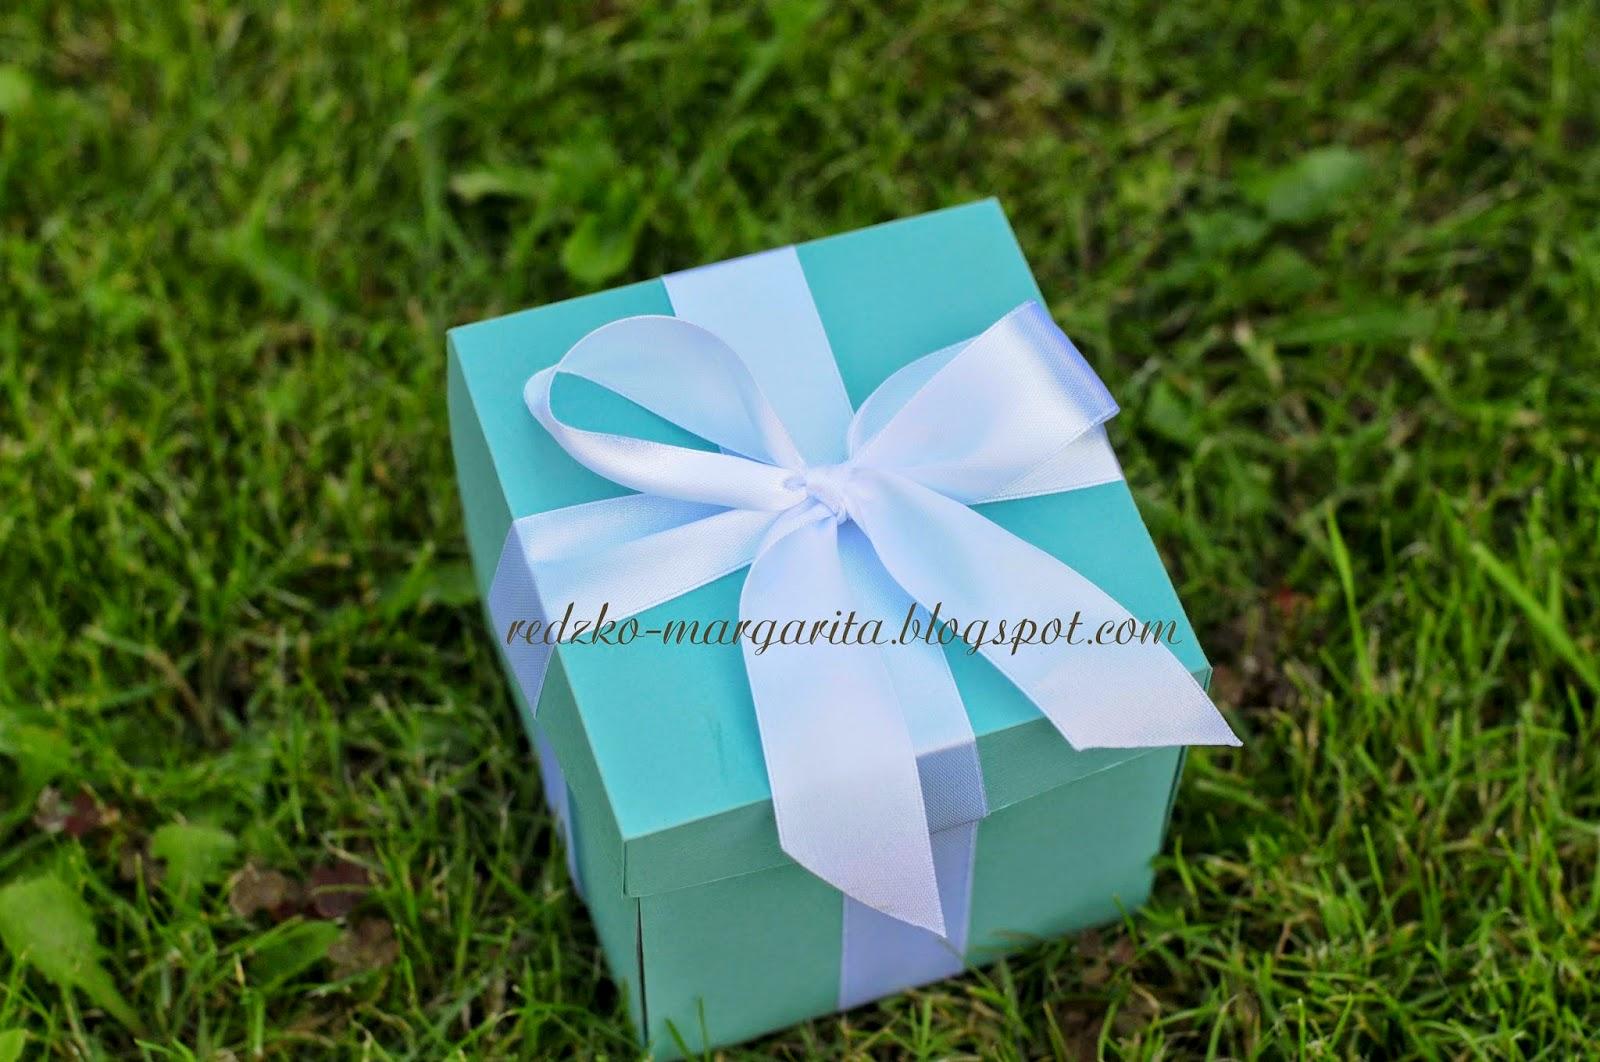 Tiffany mavi renk eşsiz pasta tasarım turkuaz doğum günü düğün ev dekorasyon hediye kutusu gül şeker hediye teneke kutu